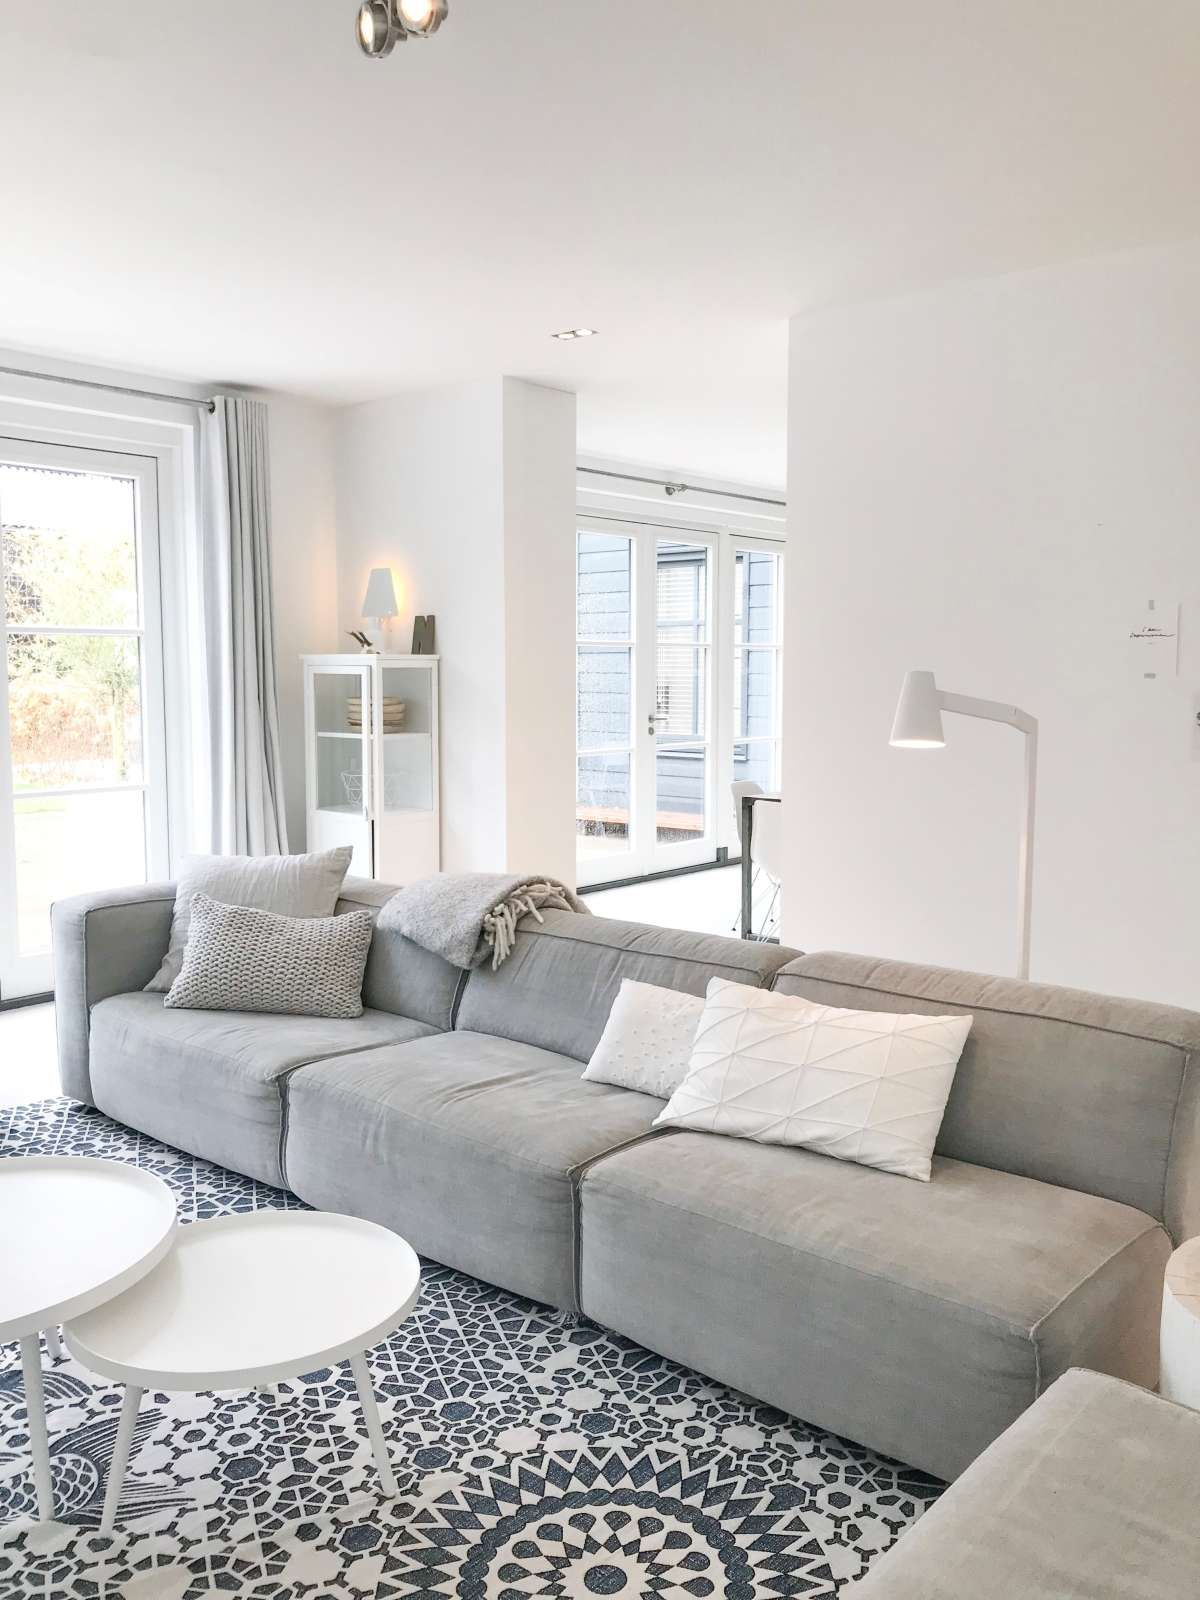 Woonkamer | nieuw huis | Pinterest - Huiskamer, Woonkamer ideeen en ...